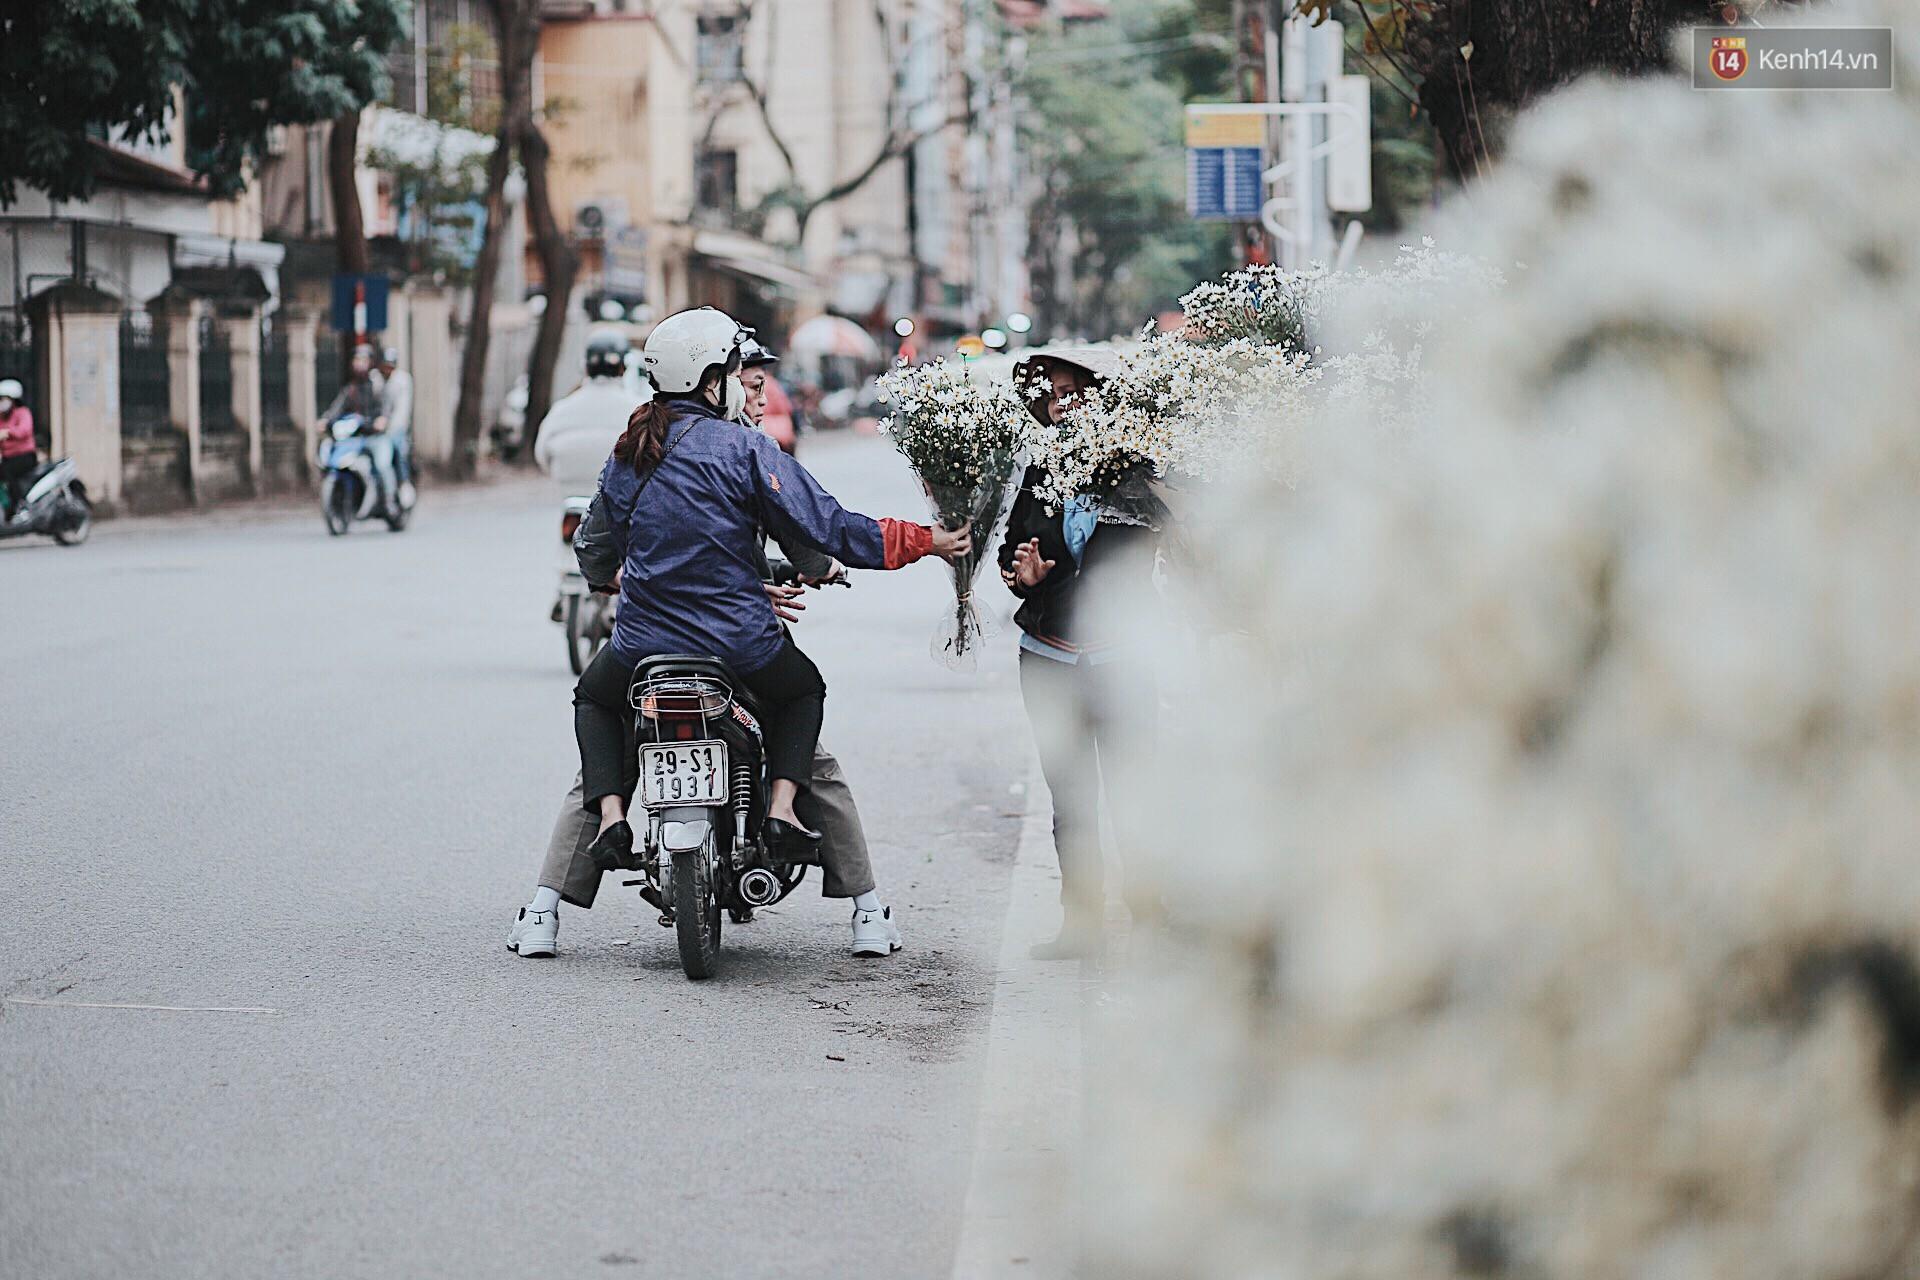 Đông về Hà Nội có mong gì đâu, chỉ chờ một mùa cúc họa mi trên phố - Ảnh 8.